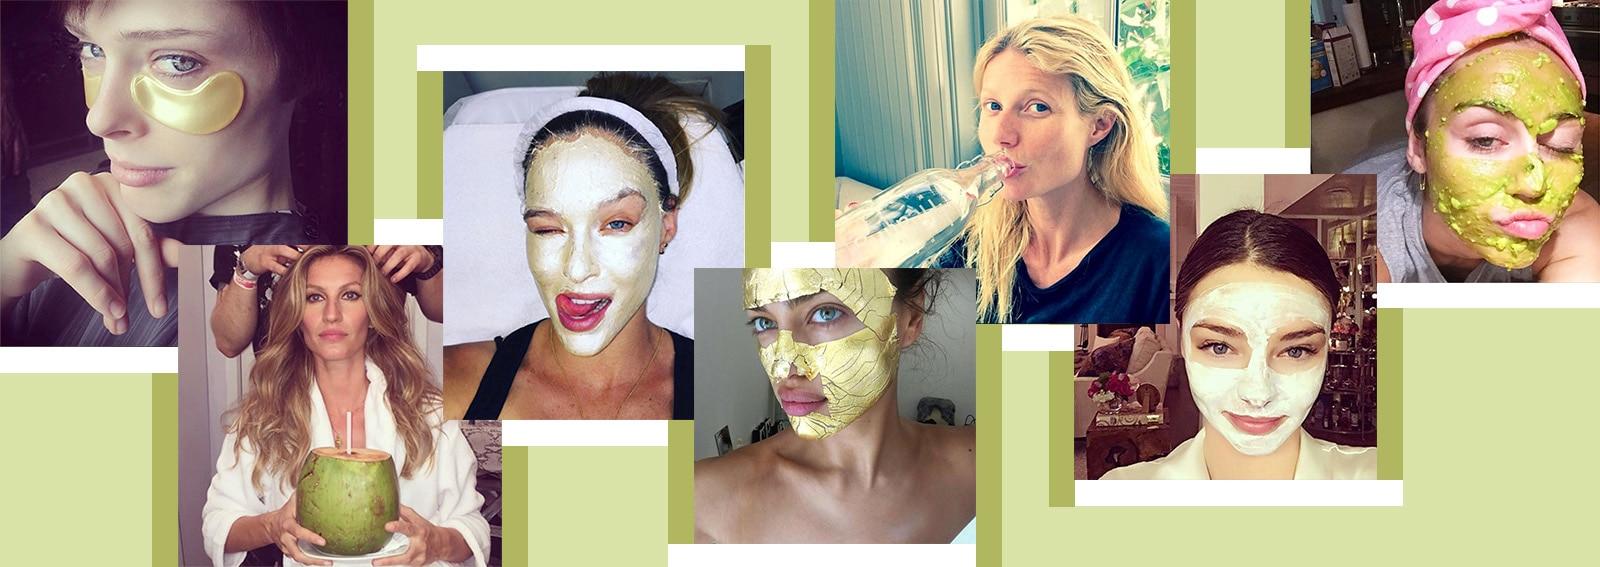 i segreti di bellezza delle star svelati su instagram